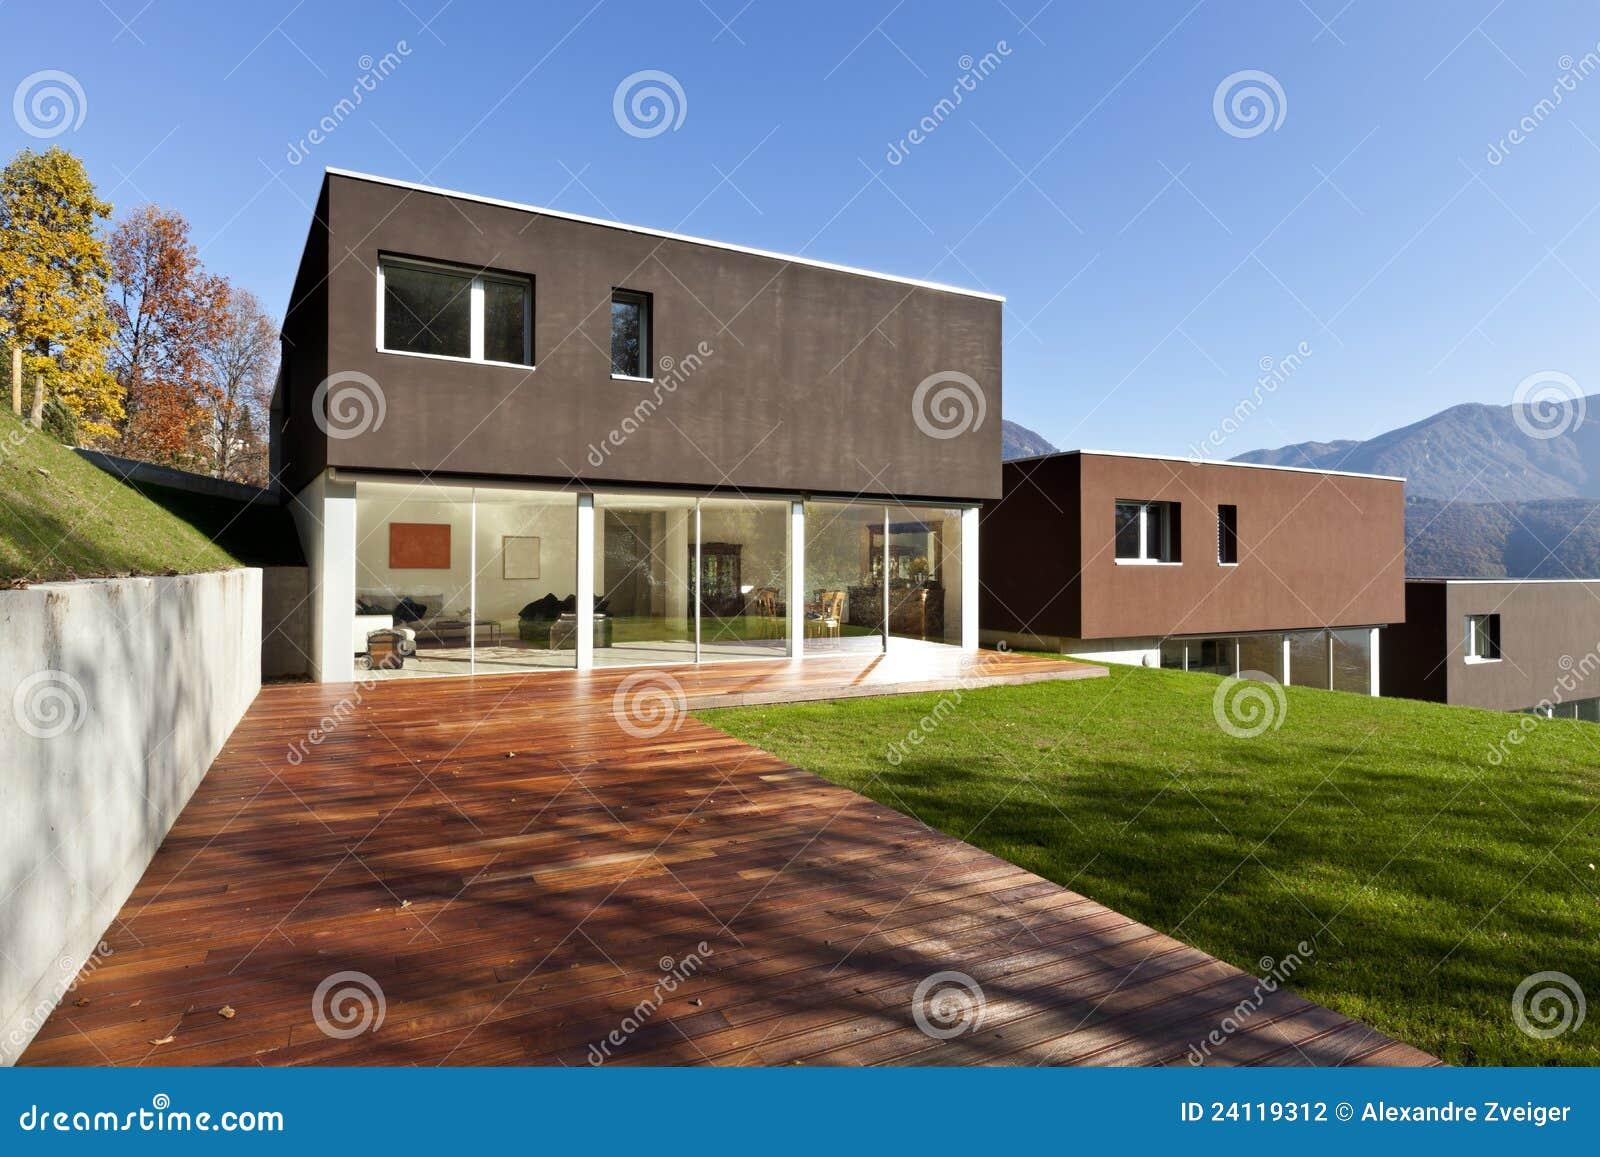 Case moderne con il giardino fotografia stock immagine for Foto case moderne esterno